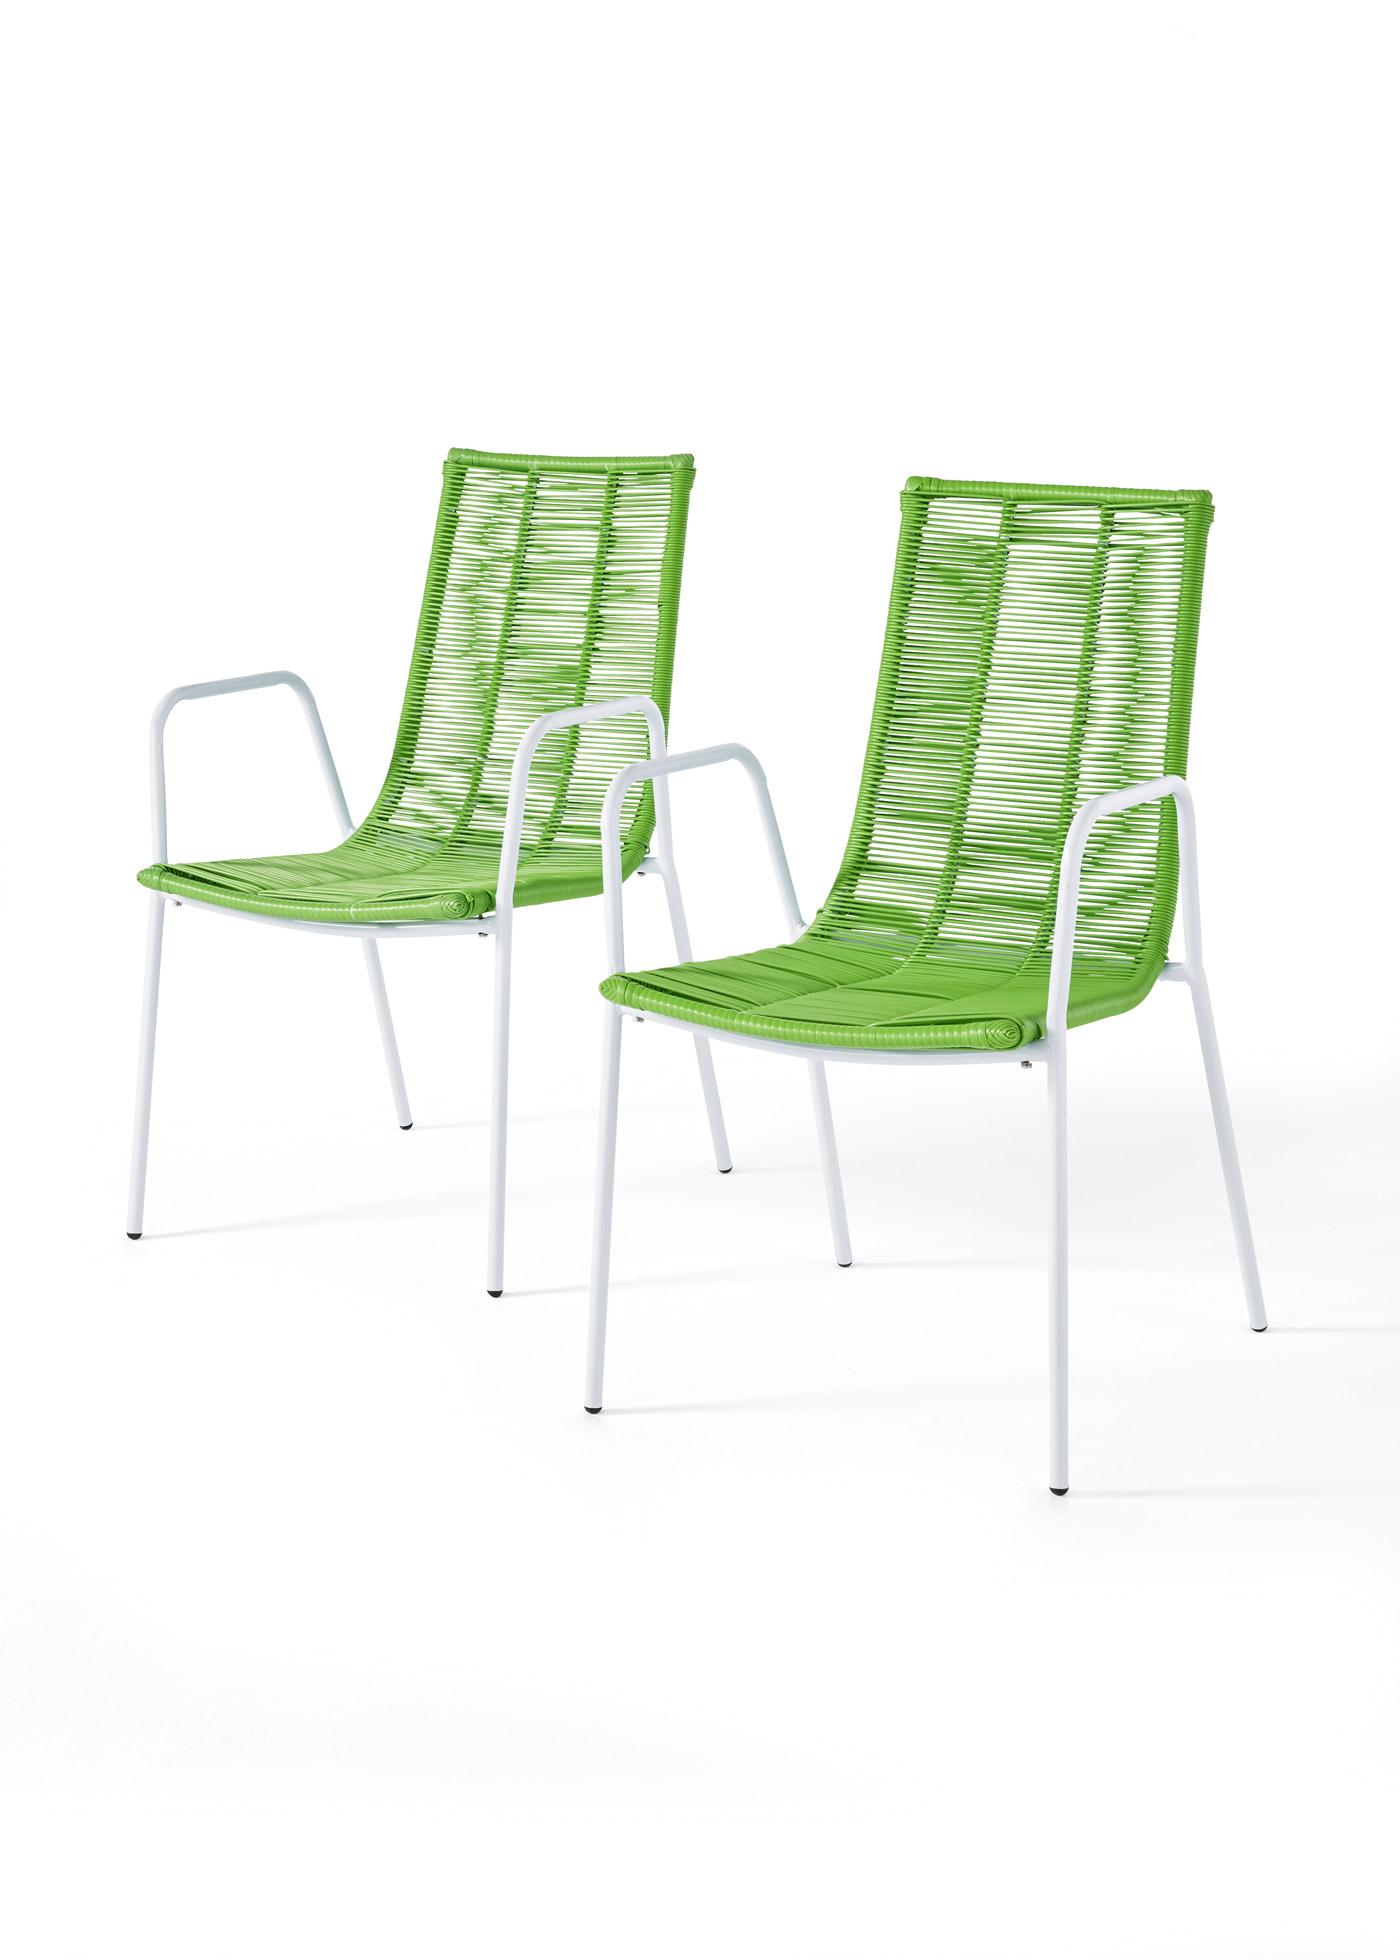 """Lot de 2 chaises. Assise et dossier en synthétique tressé. Hauteur d""""assise env. 42 cm, profondeur d""""assise env. 44 cm. Capacité de charge env. 110 kg. Livraison avec une notice de montage."""